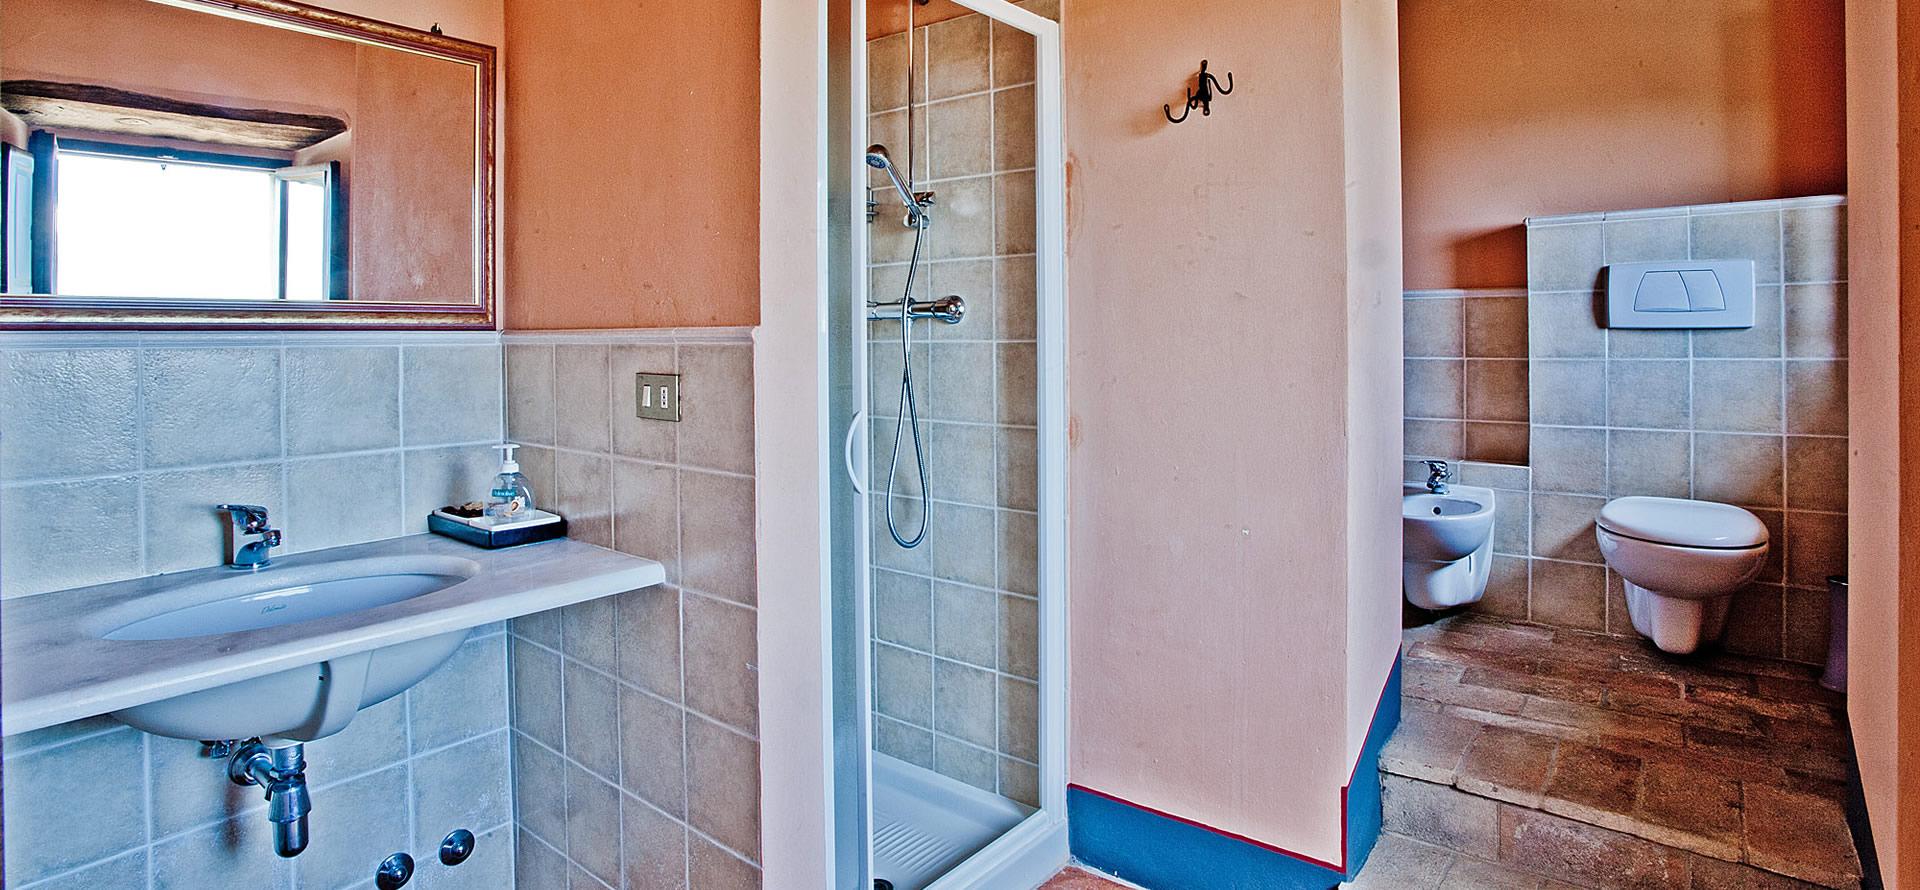 Camera rosa appartamento vacanza Mirolago 6-10 persone